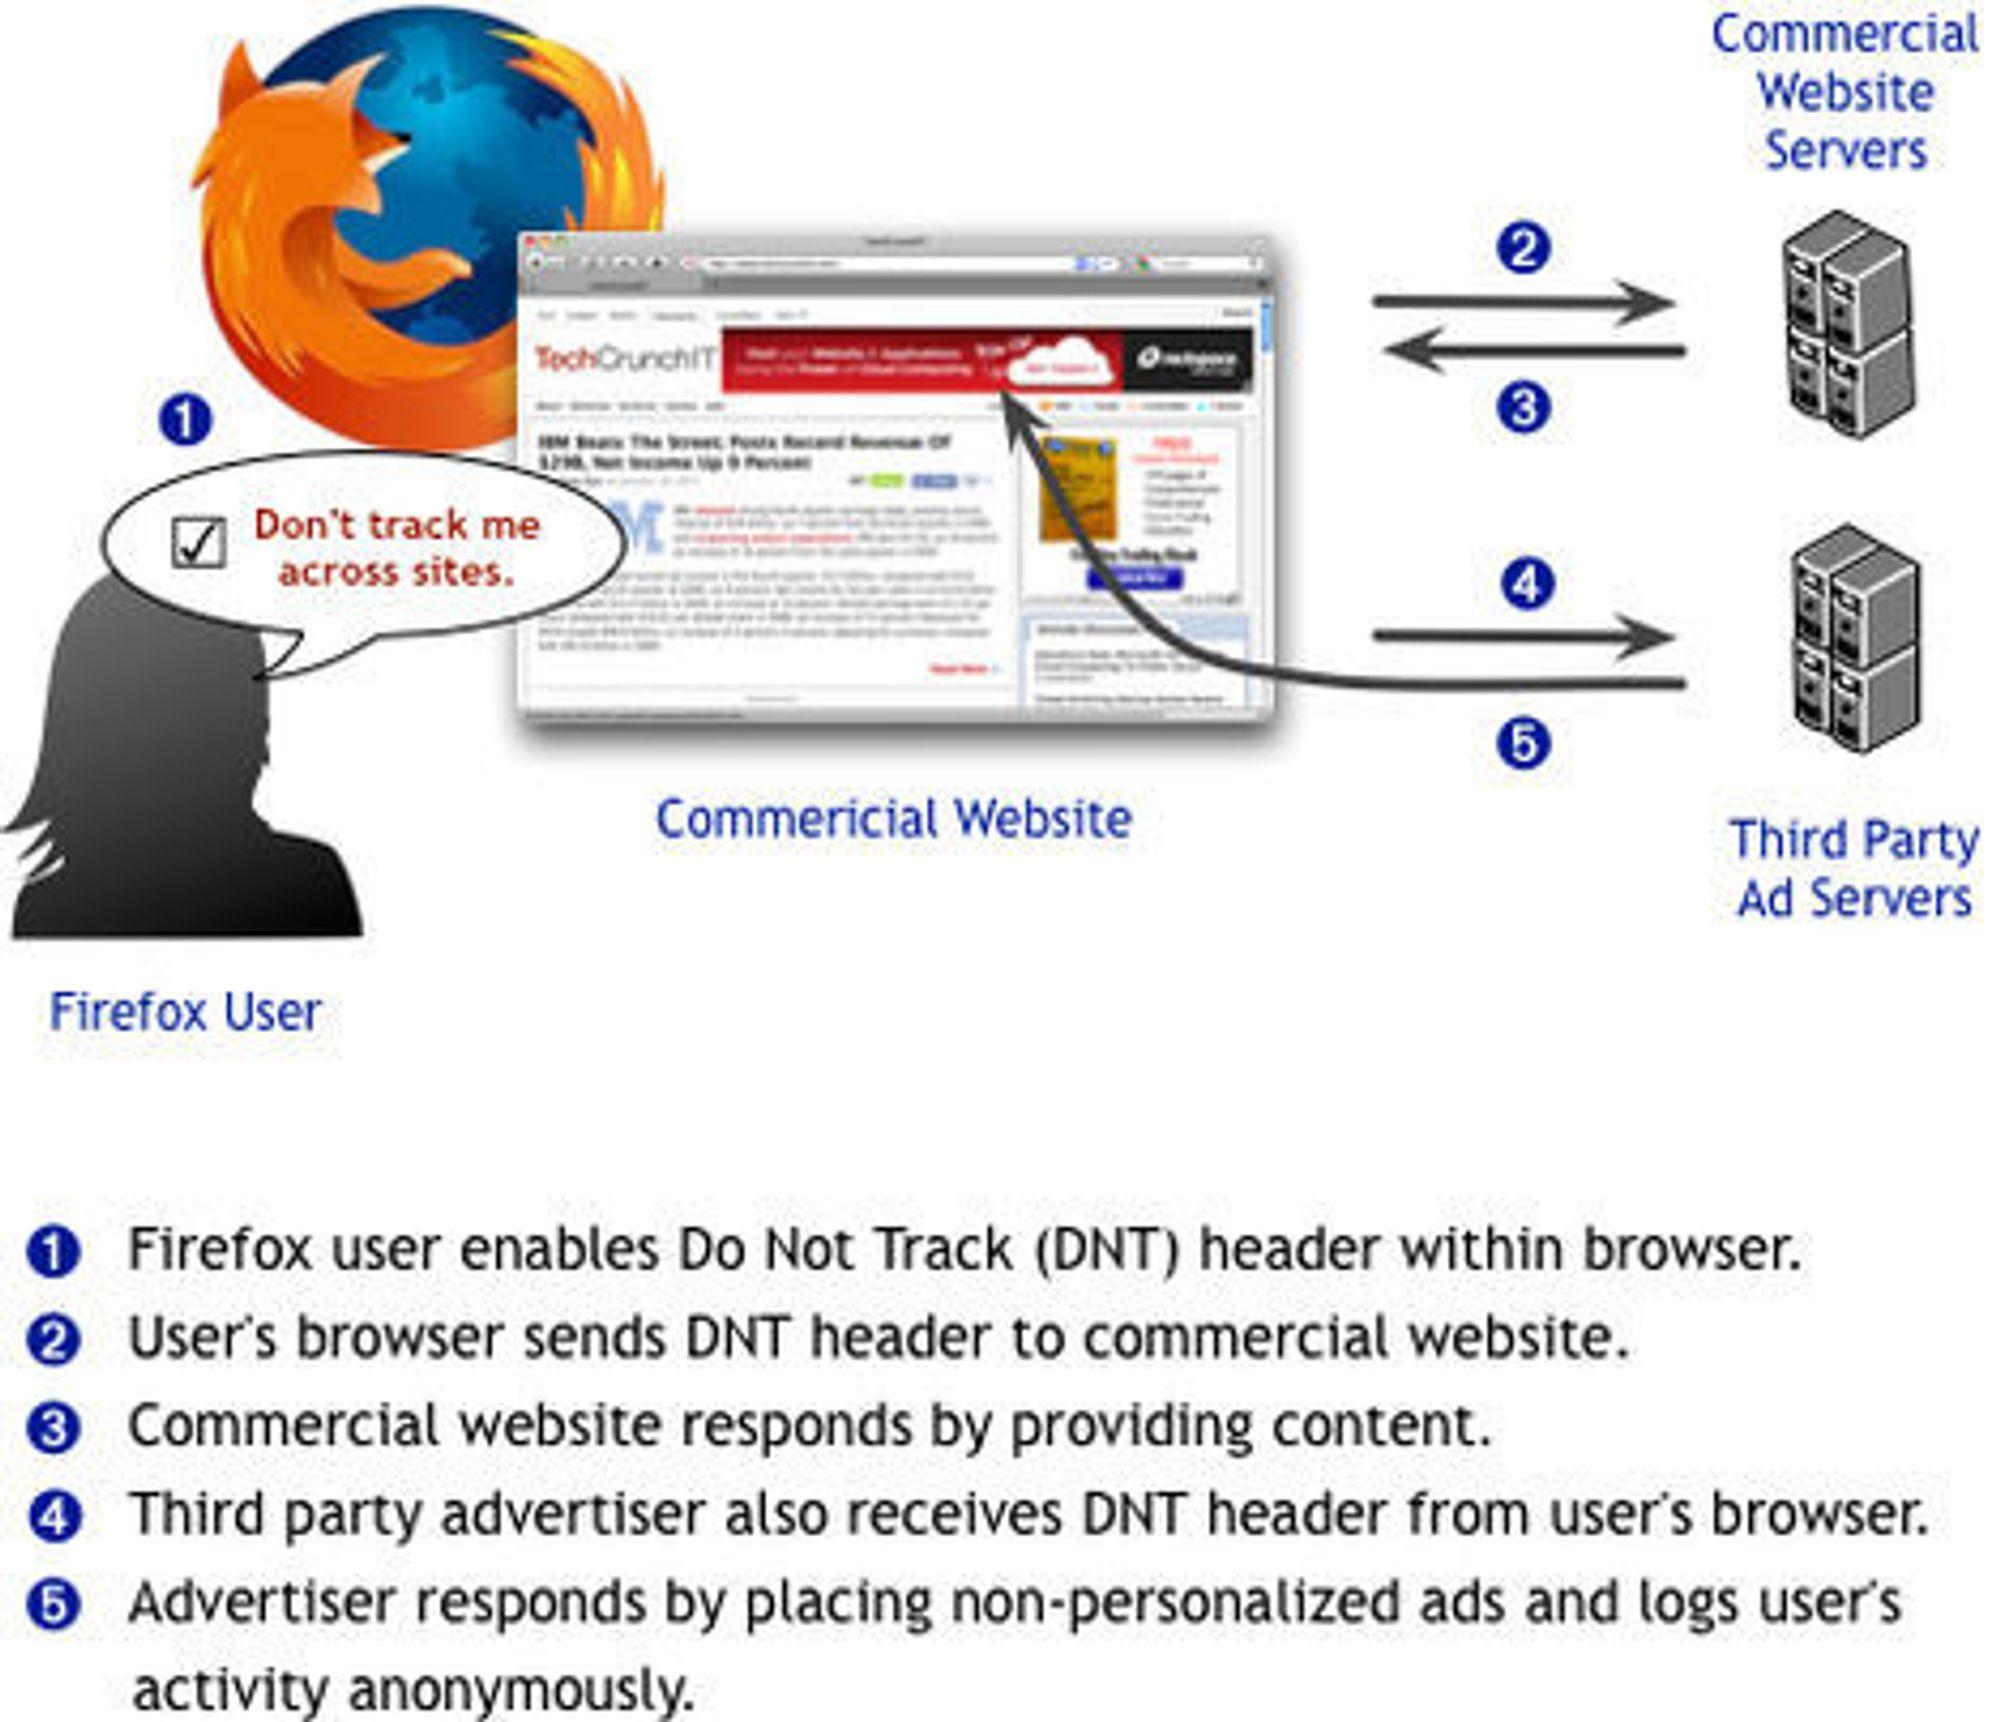 Mozillas opprinnelige skissering av hvordan Do Not Track fungerer.